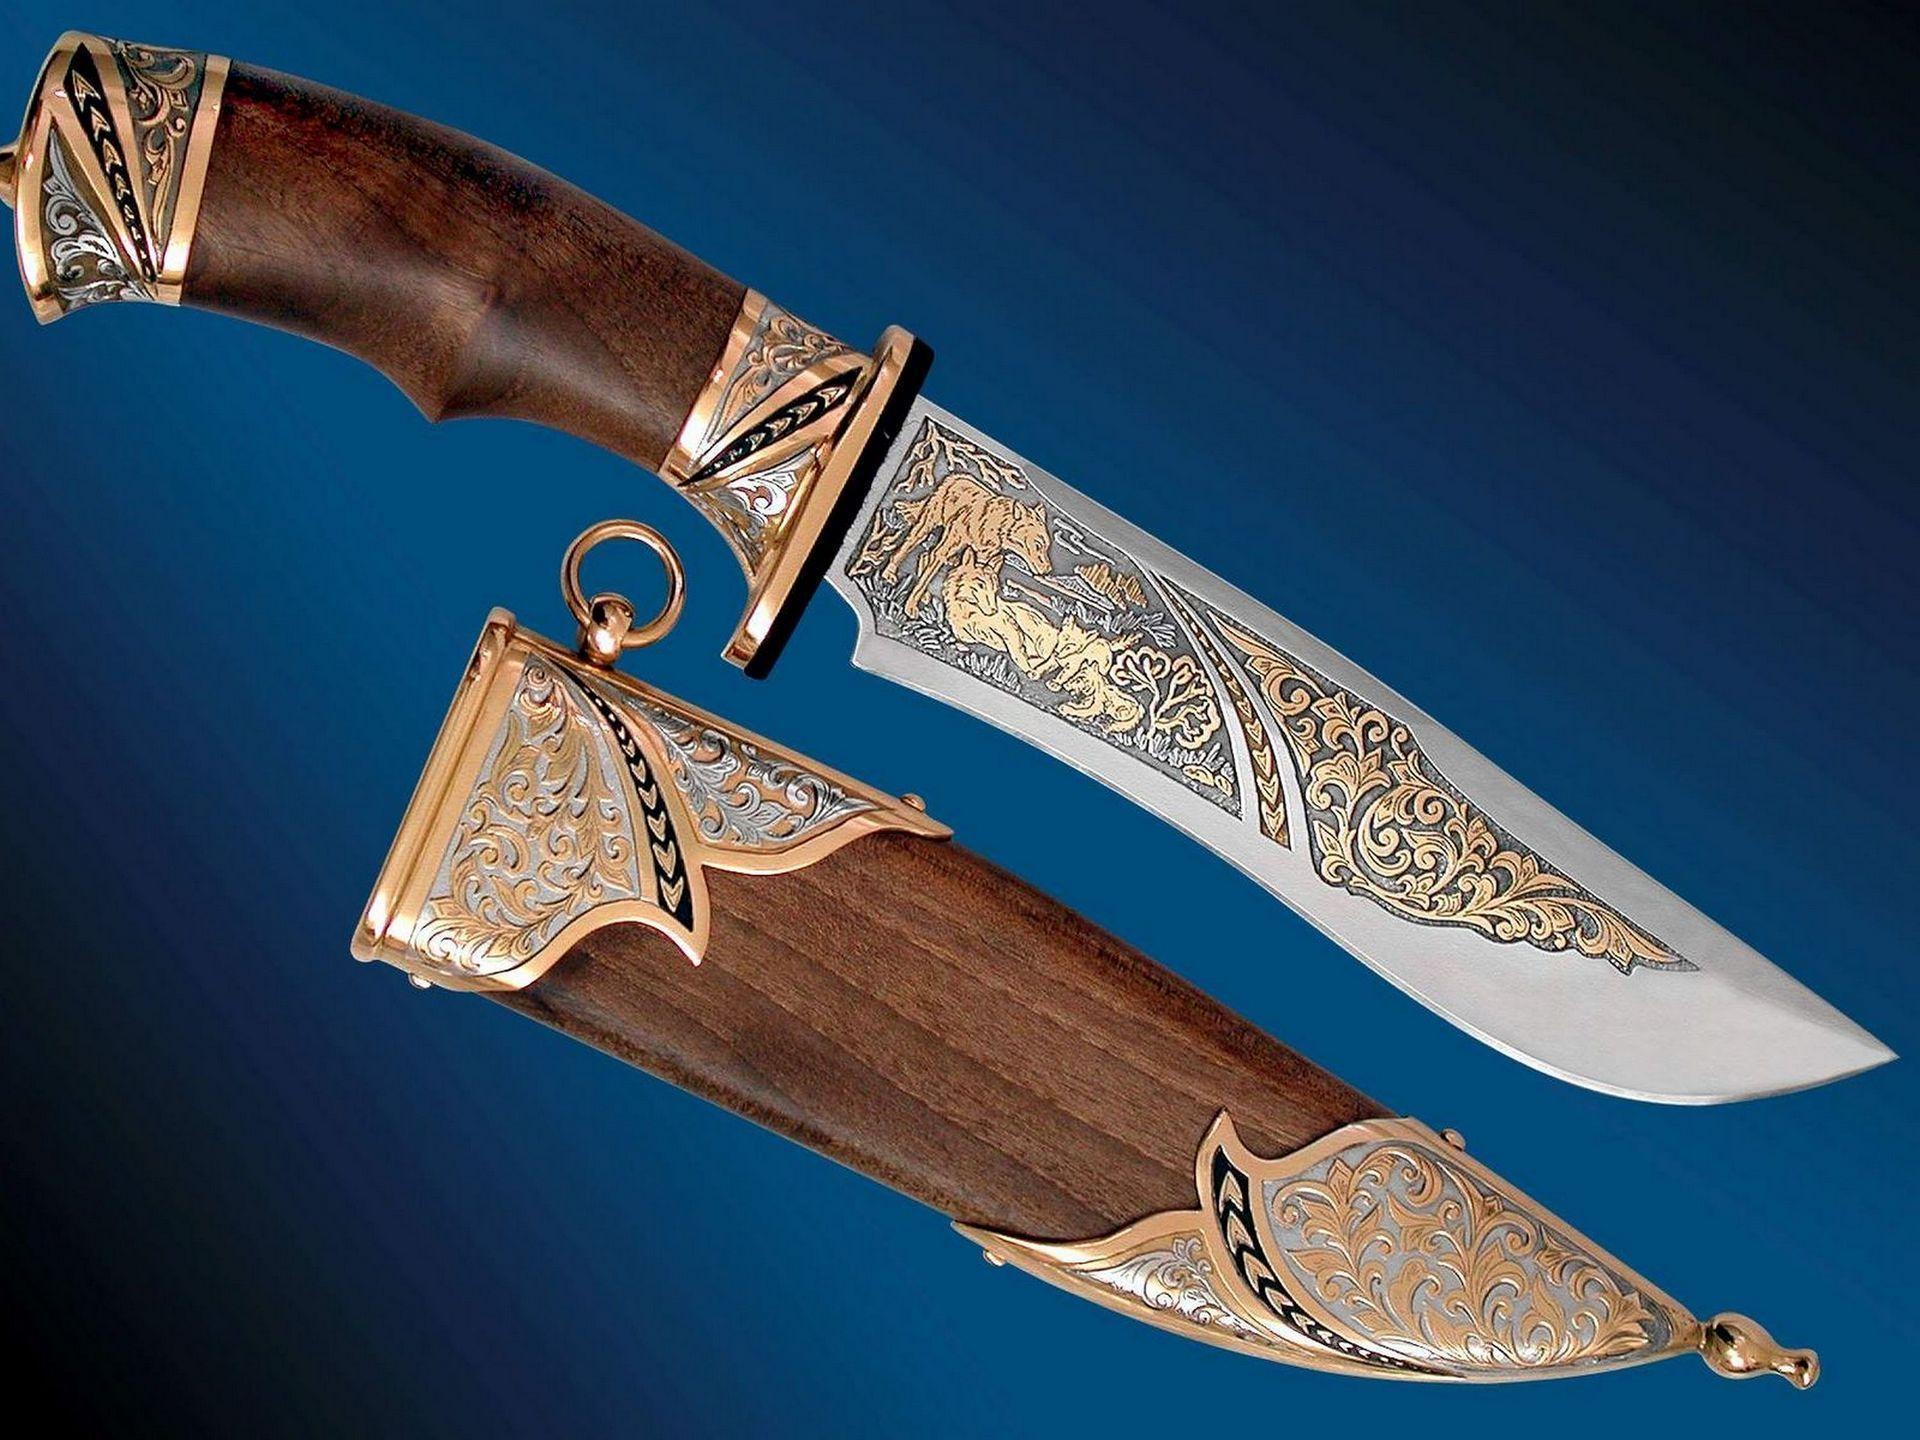 Обои охотничий нож скачать на рабочий стол, фото гравировка на лезвии